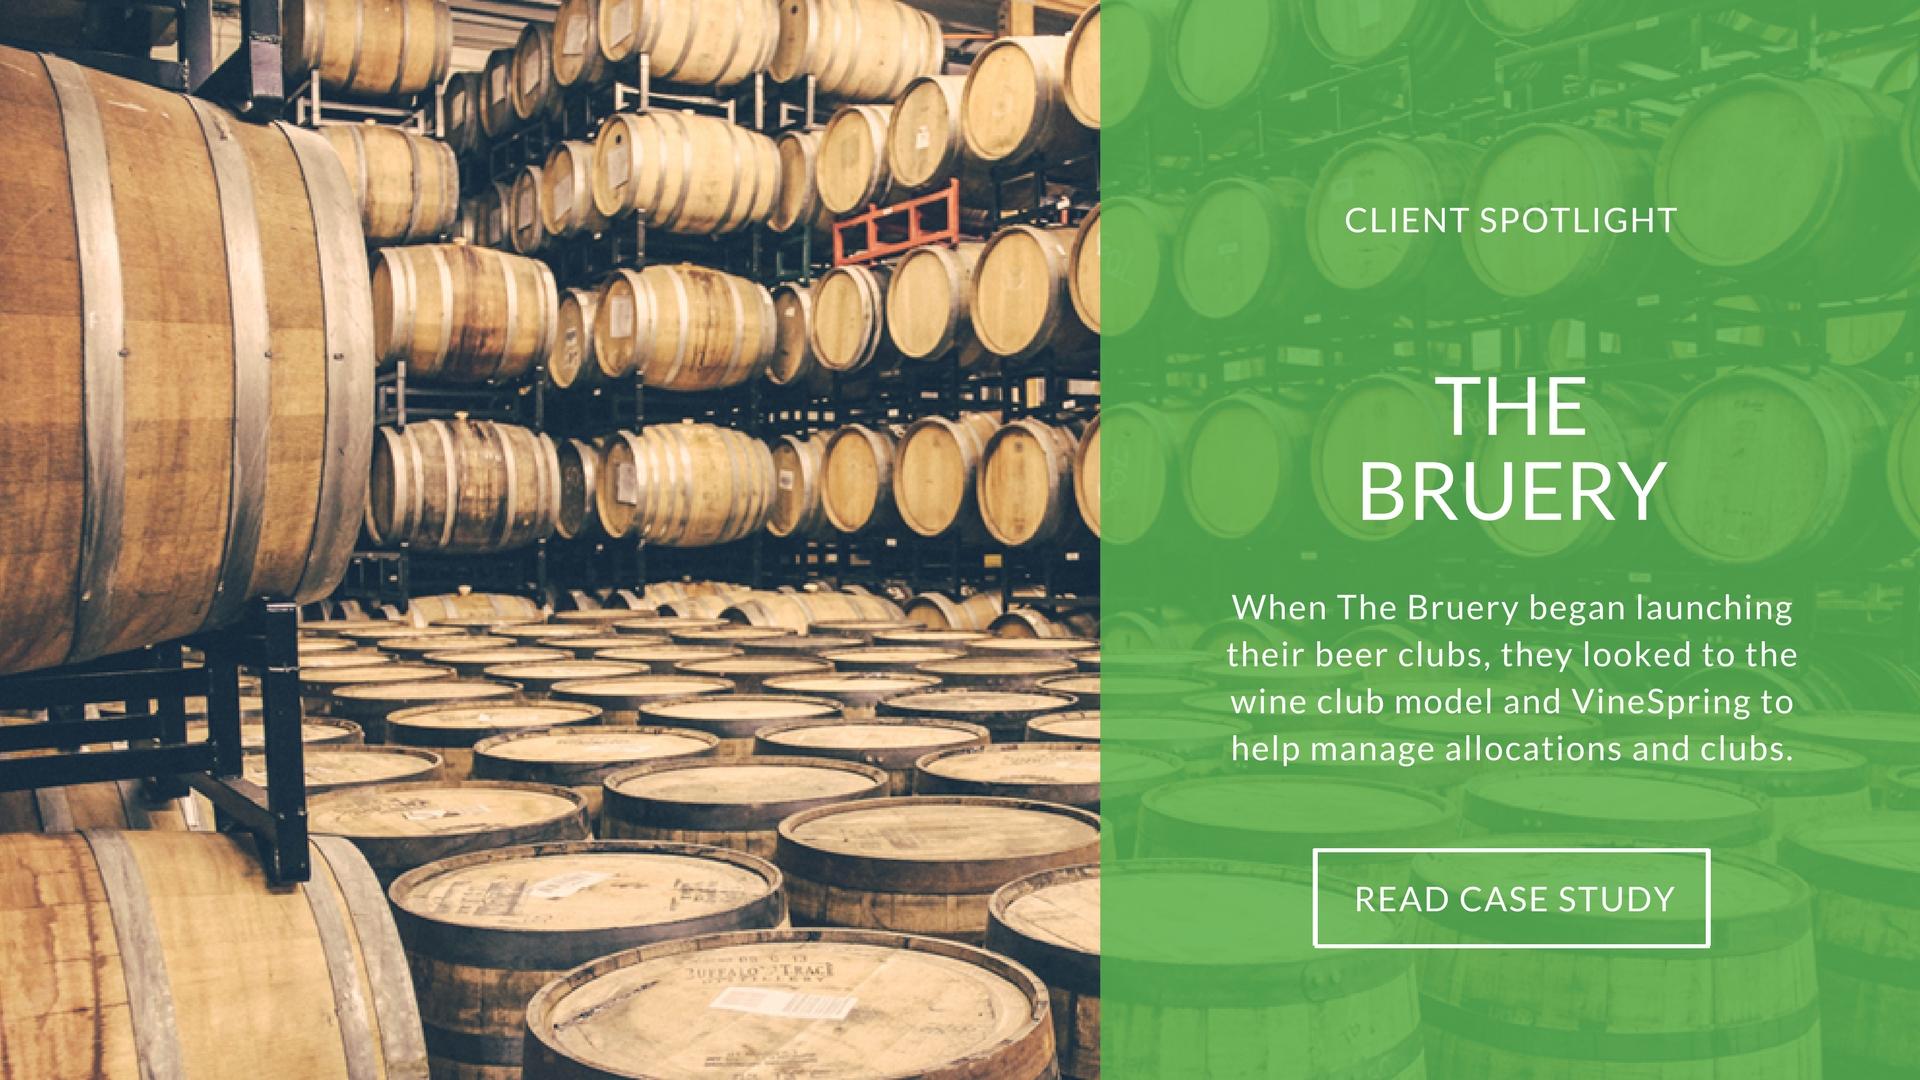 The Bruery (1).jpg